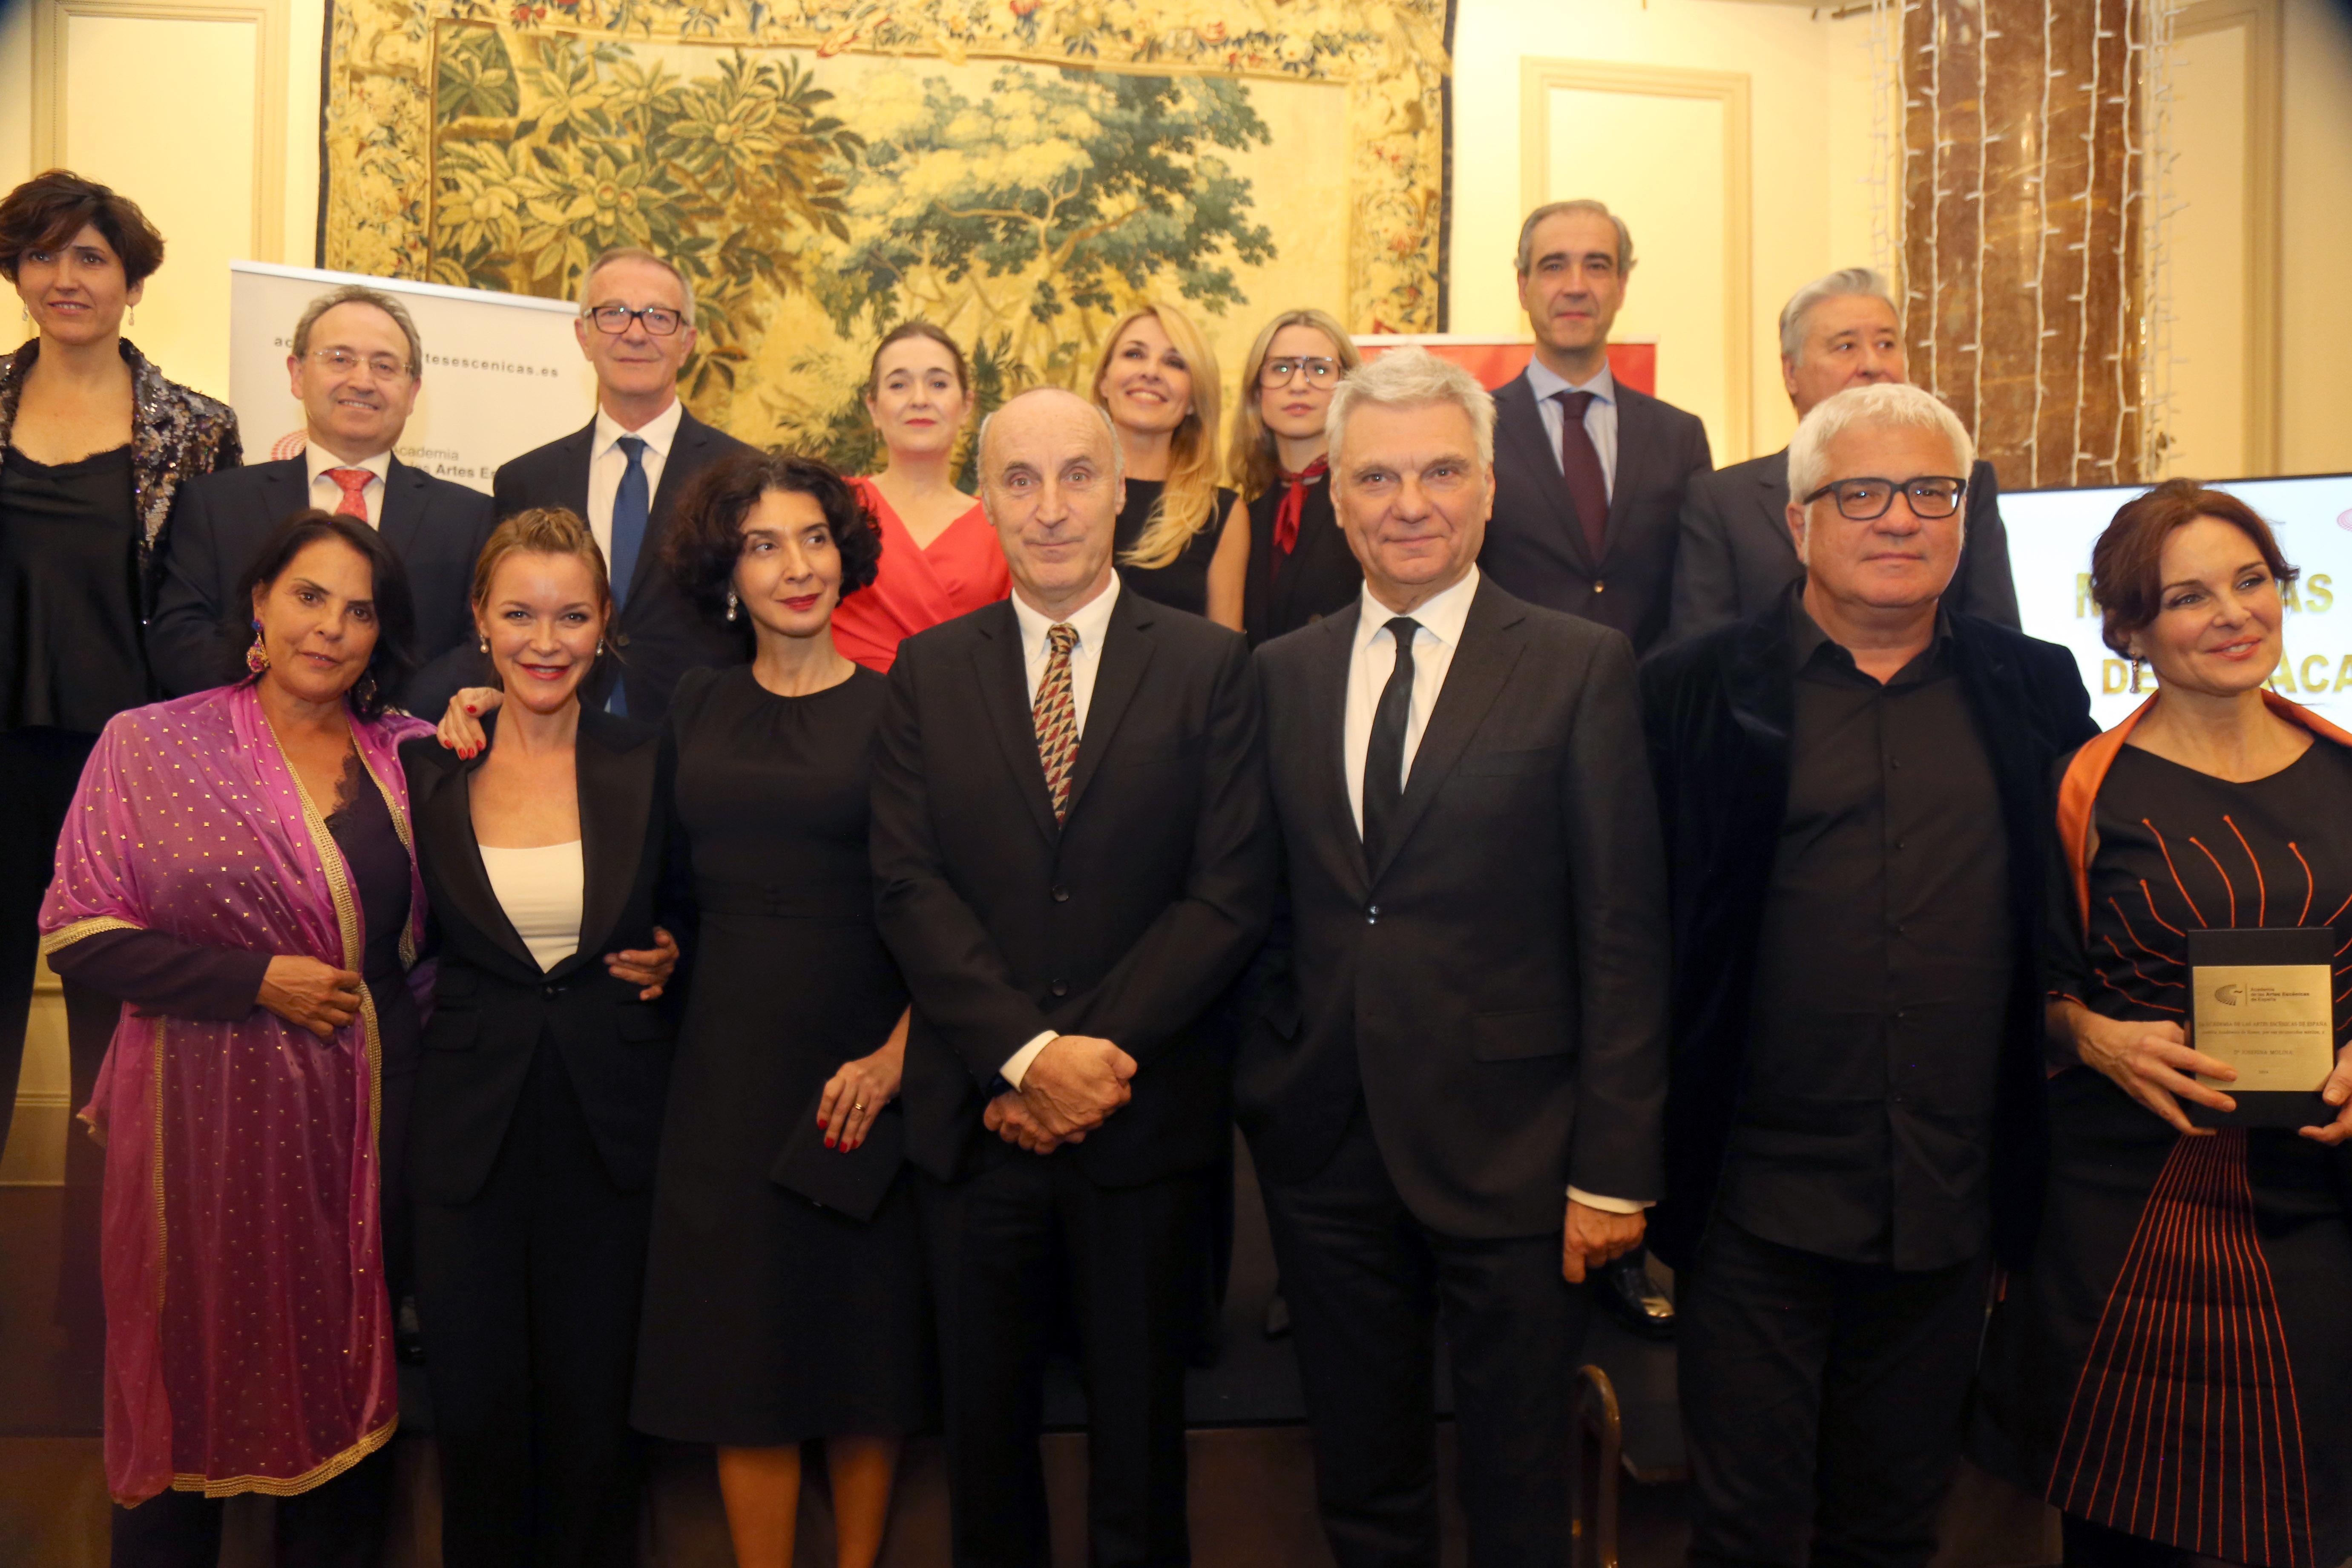 Foto de Jesús Cimarro y Cayetana Guillén Cuervo presiden la gala de las Medallas de Oro de la Academia y Distinción de Honor